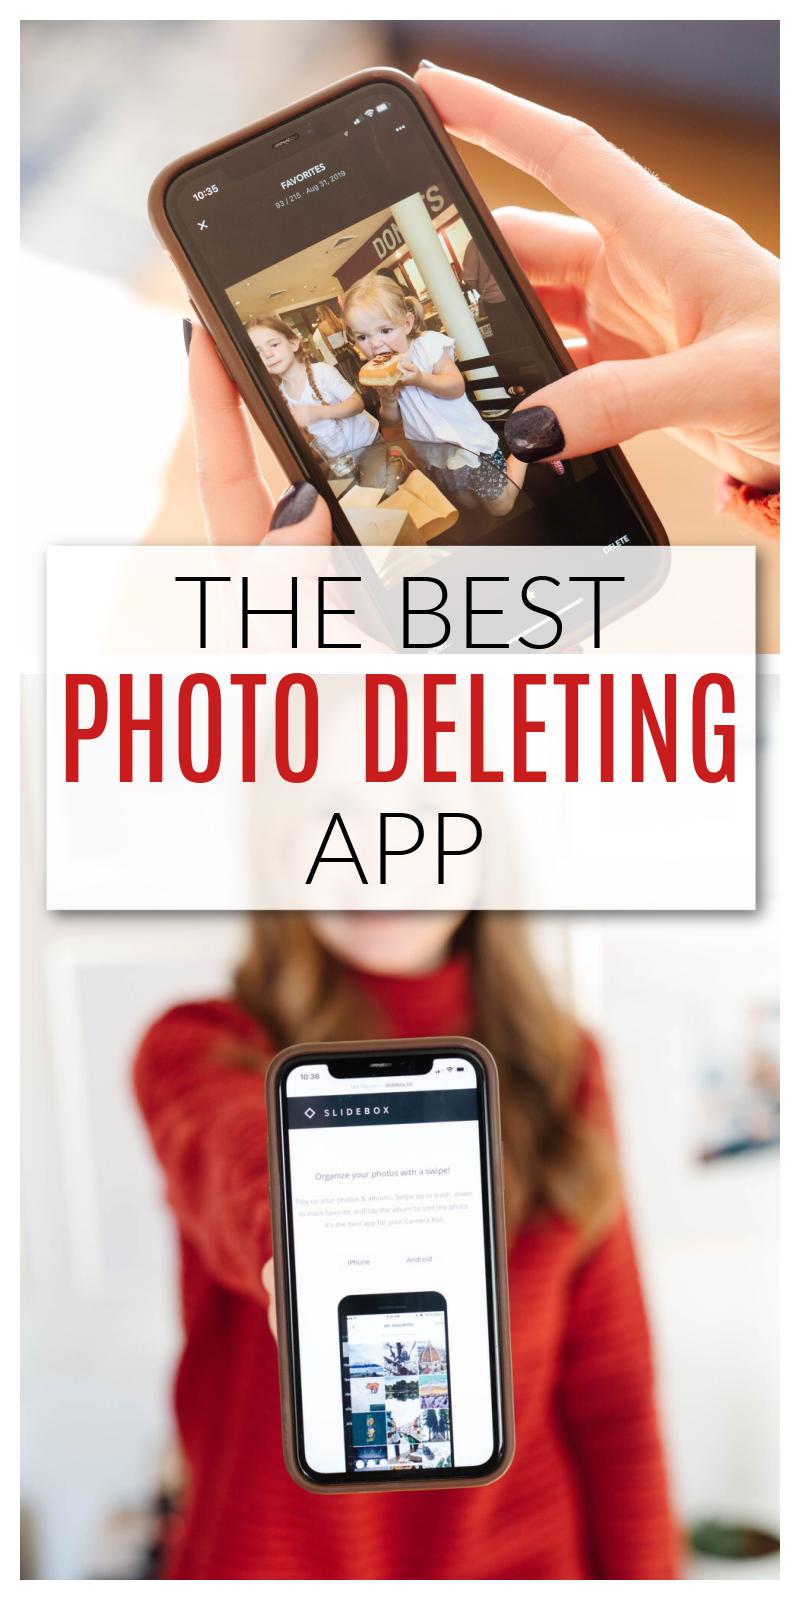 photo deleting app